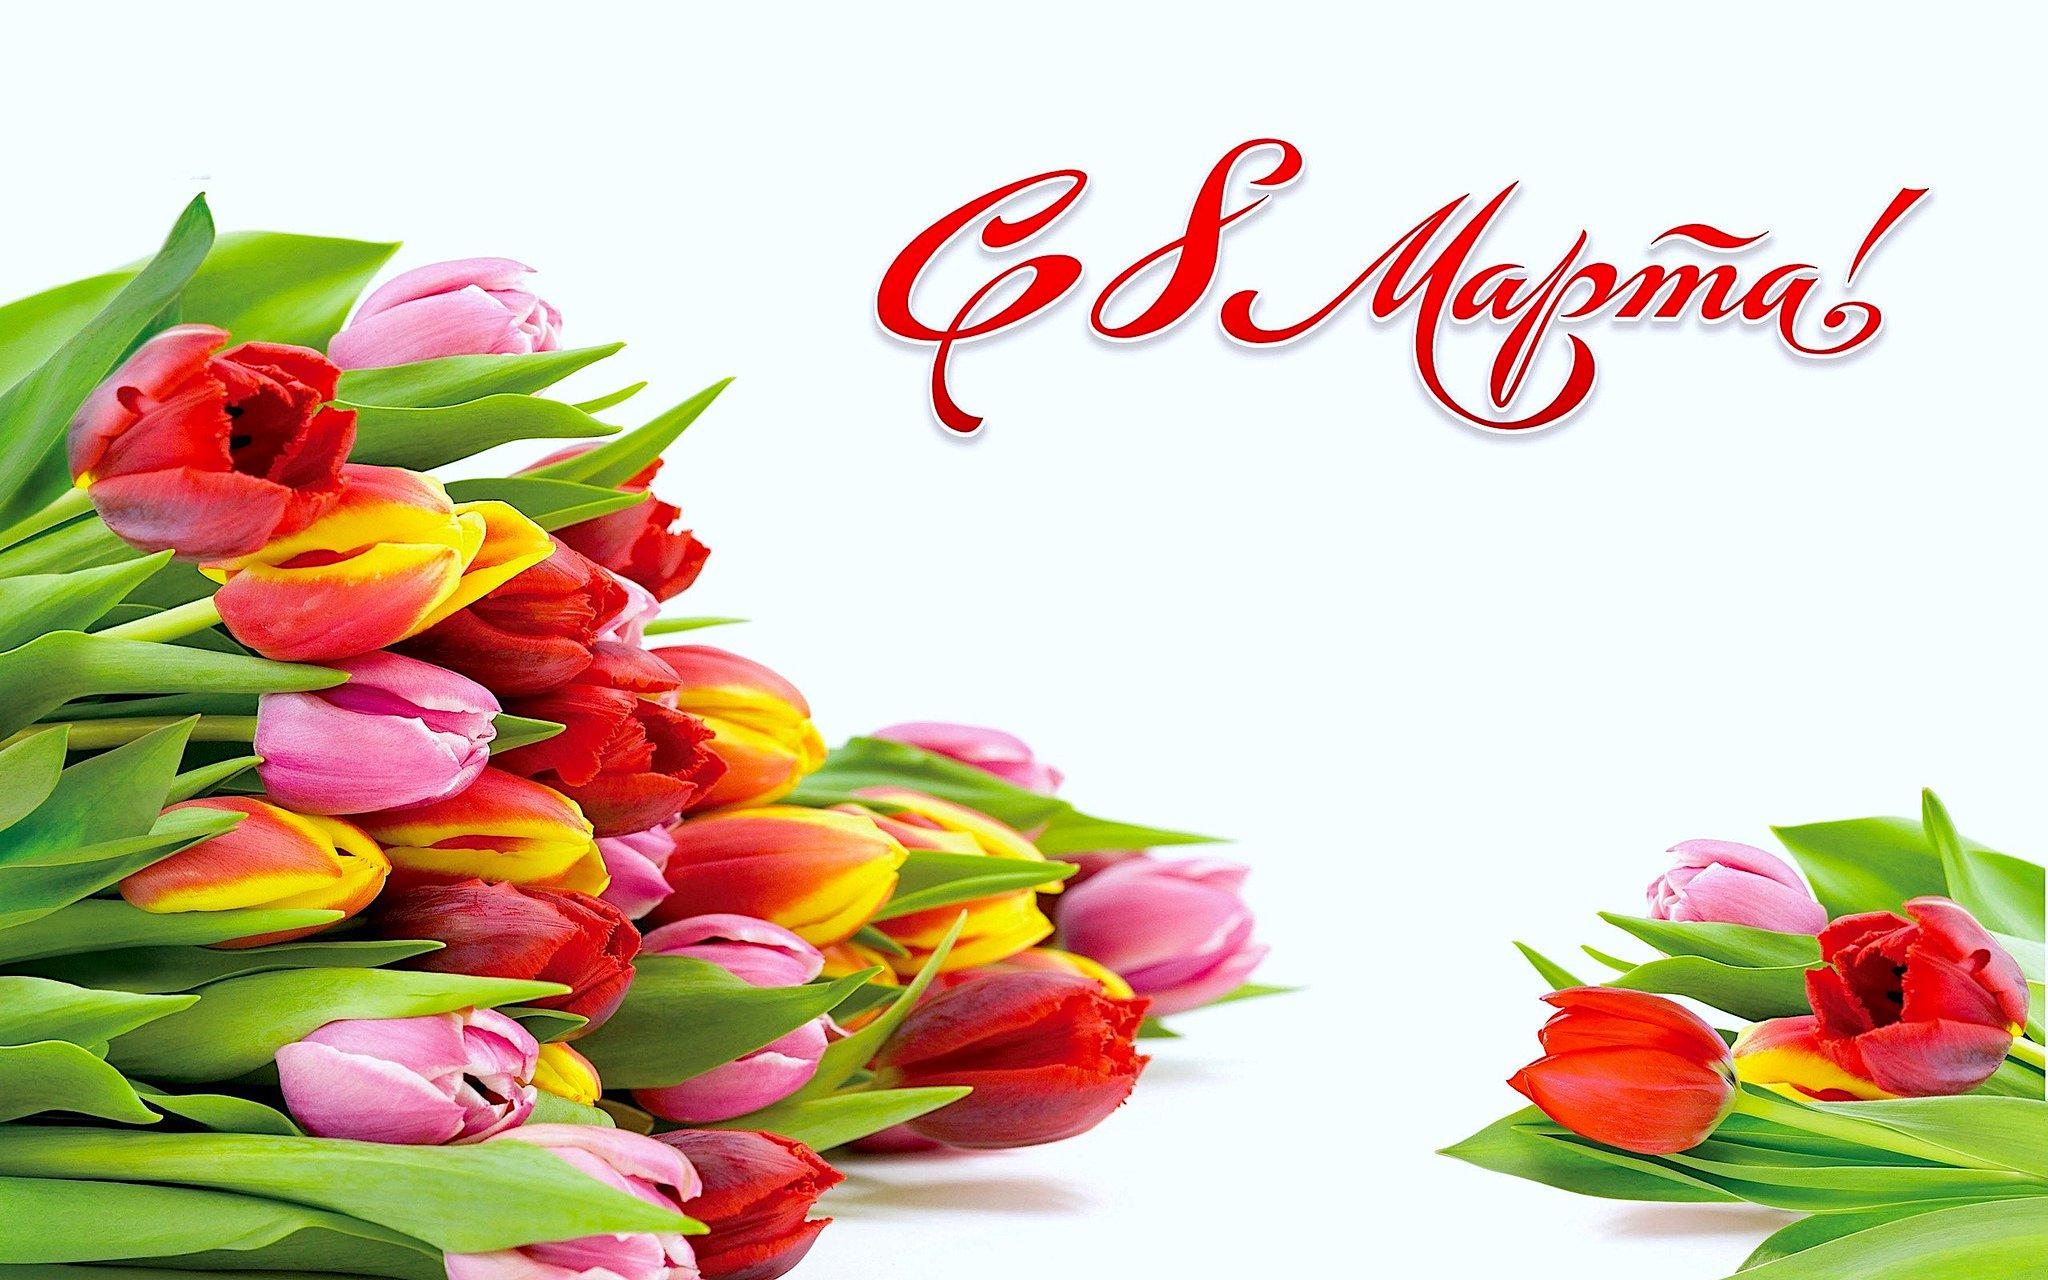 Скрап, открытки с тюльпанами и поздравлениями